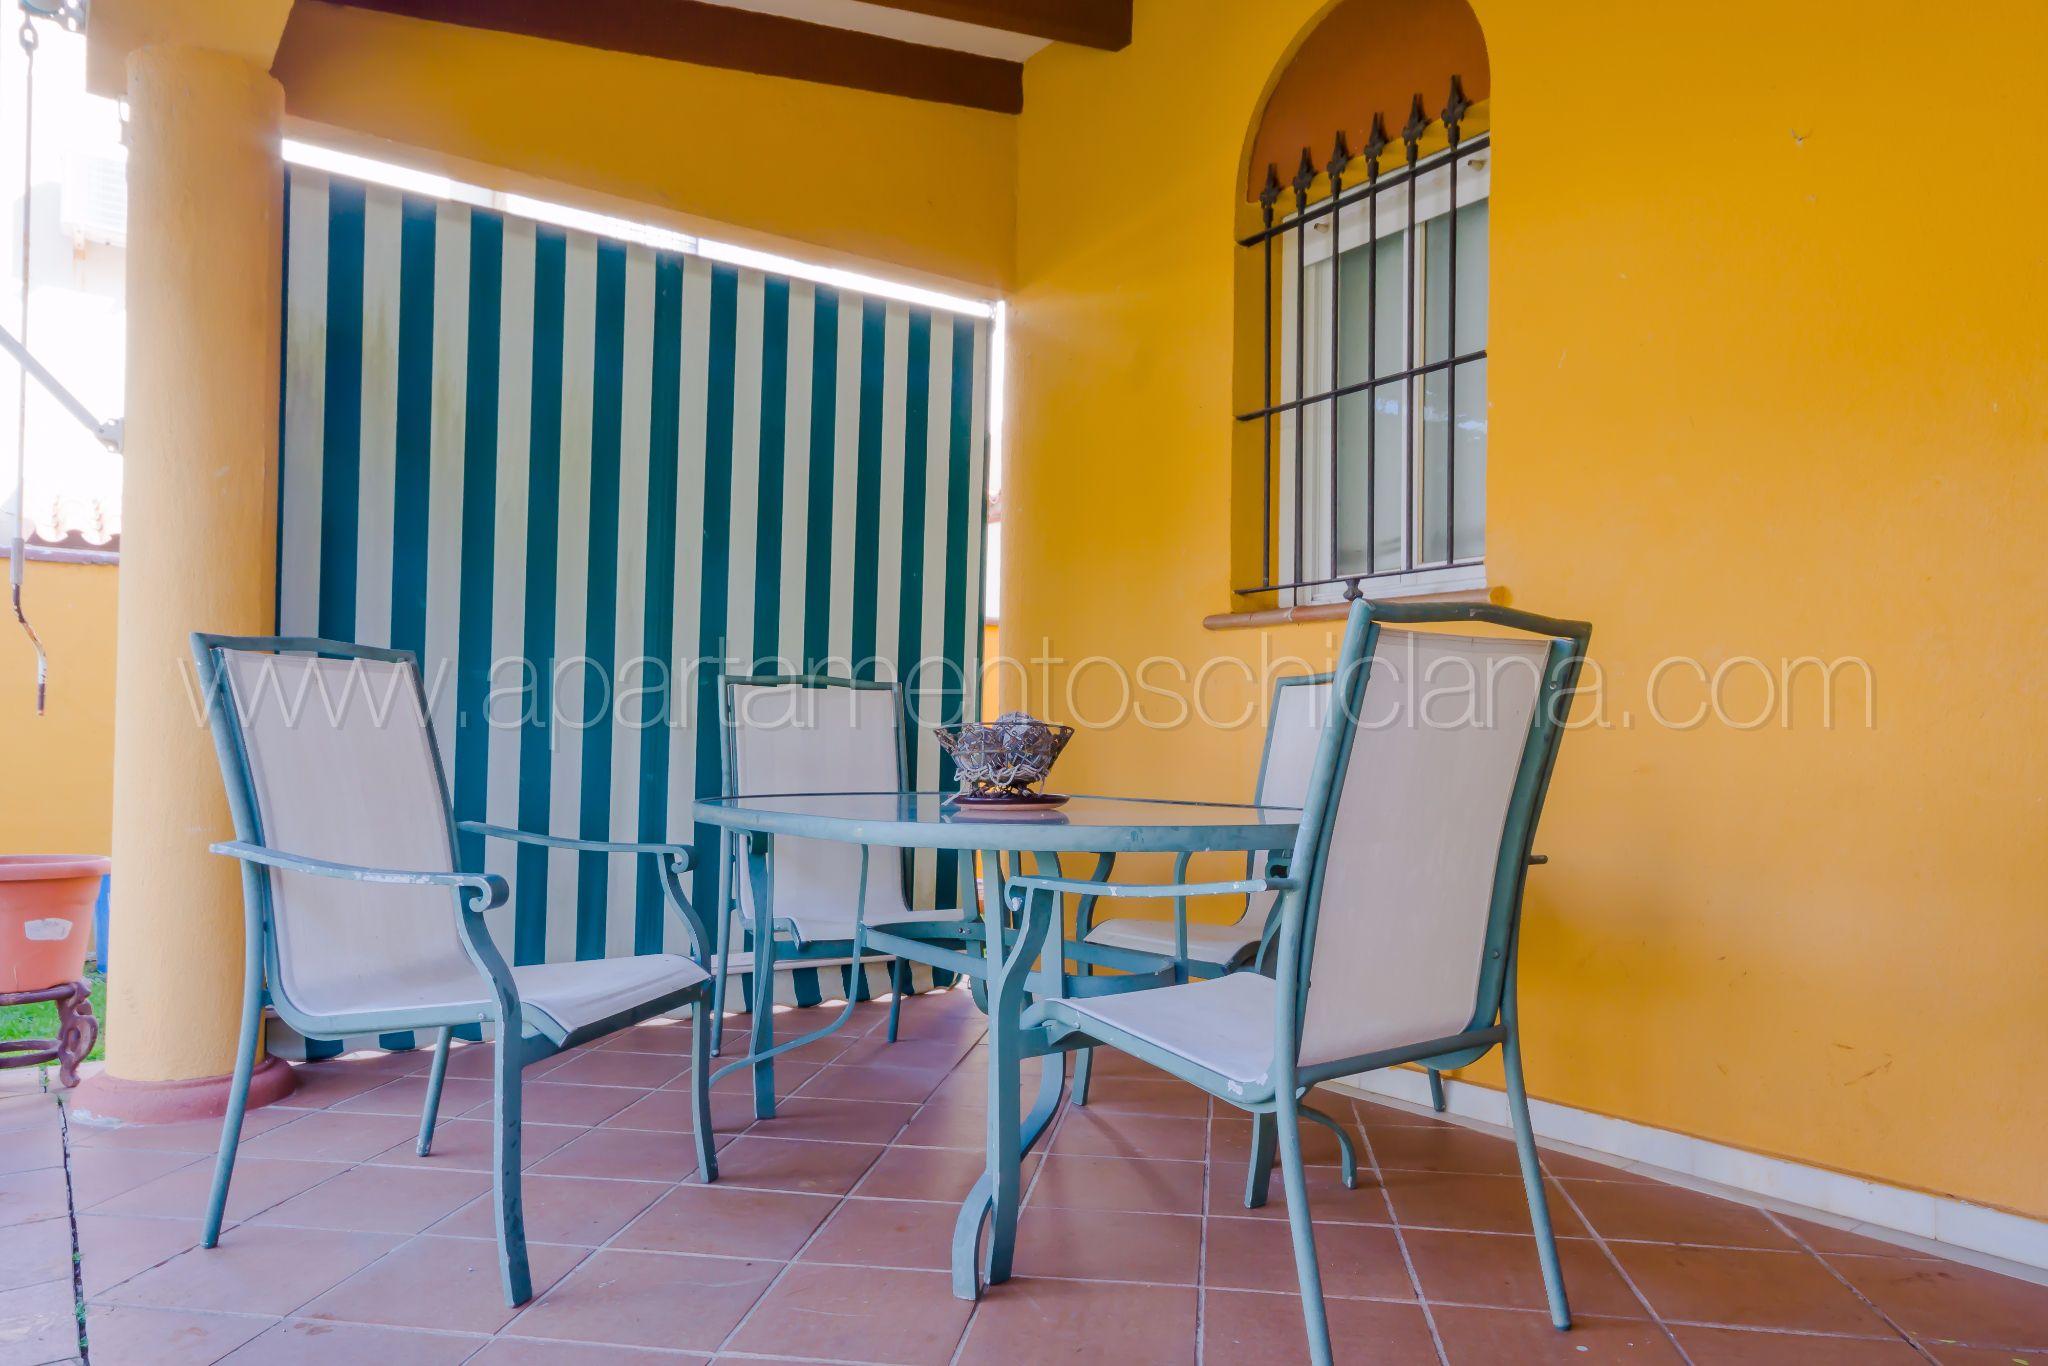 Casa con jard n privado y aire acondicionado apartamentos en conil ofertas de alquiler - Casas de alquiler vacacional en cadiz ...